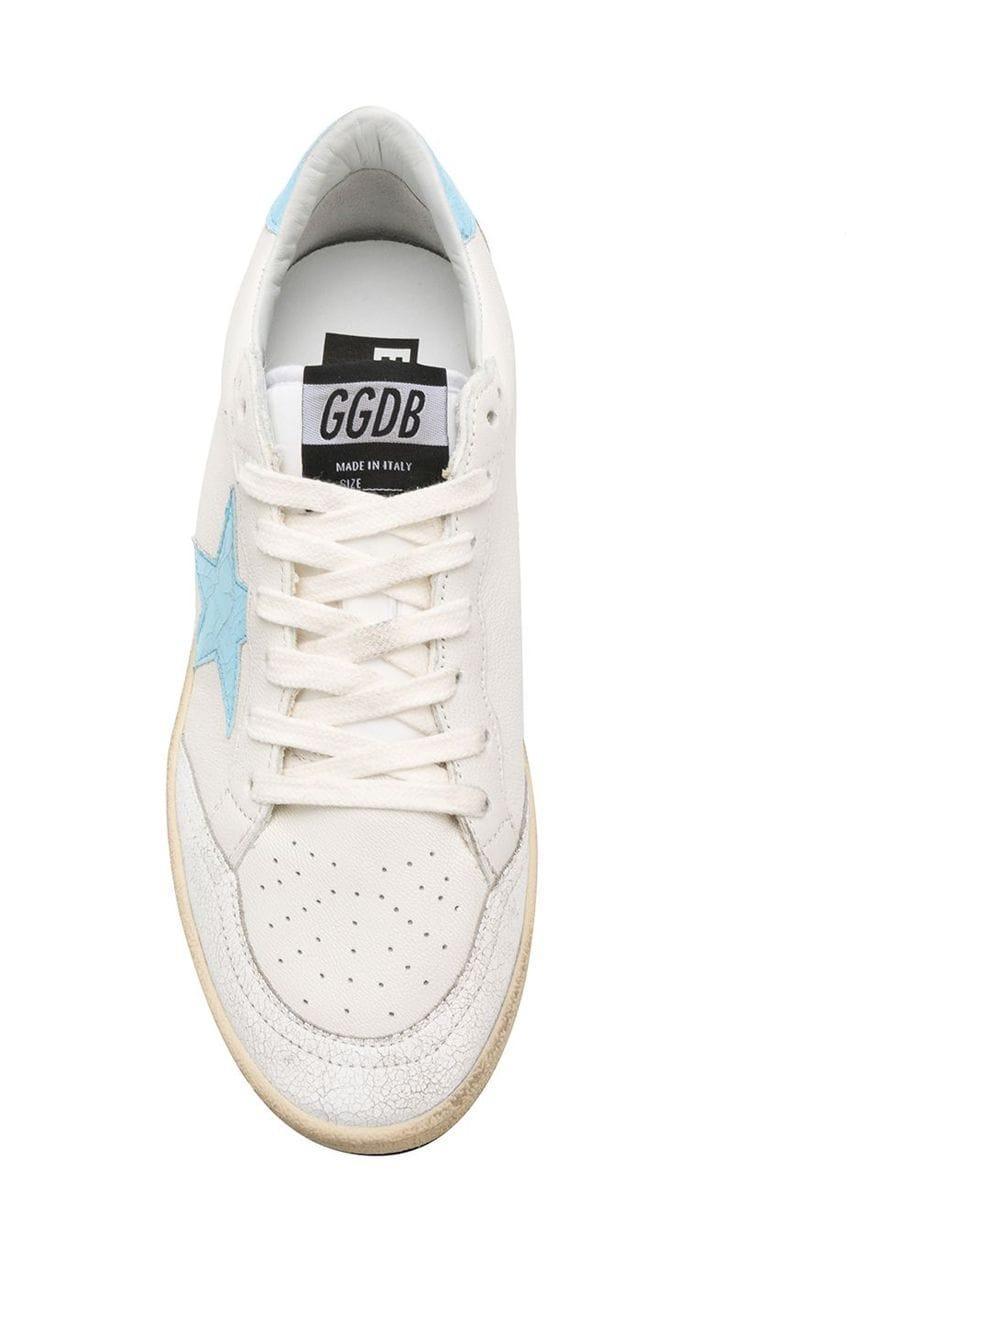 Zapatillas May Golden Goose Deluxe Brand de Pluma de oca de color Blanco